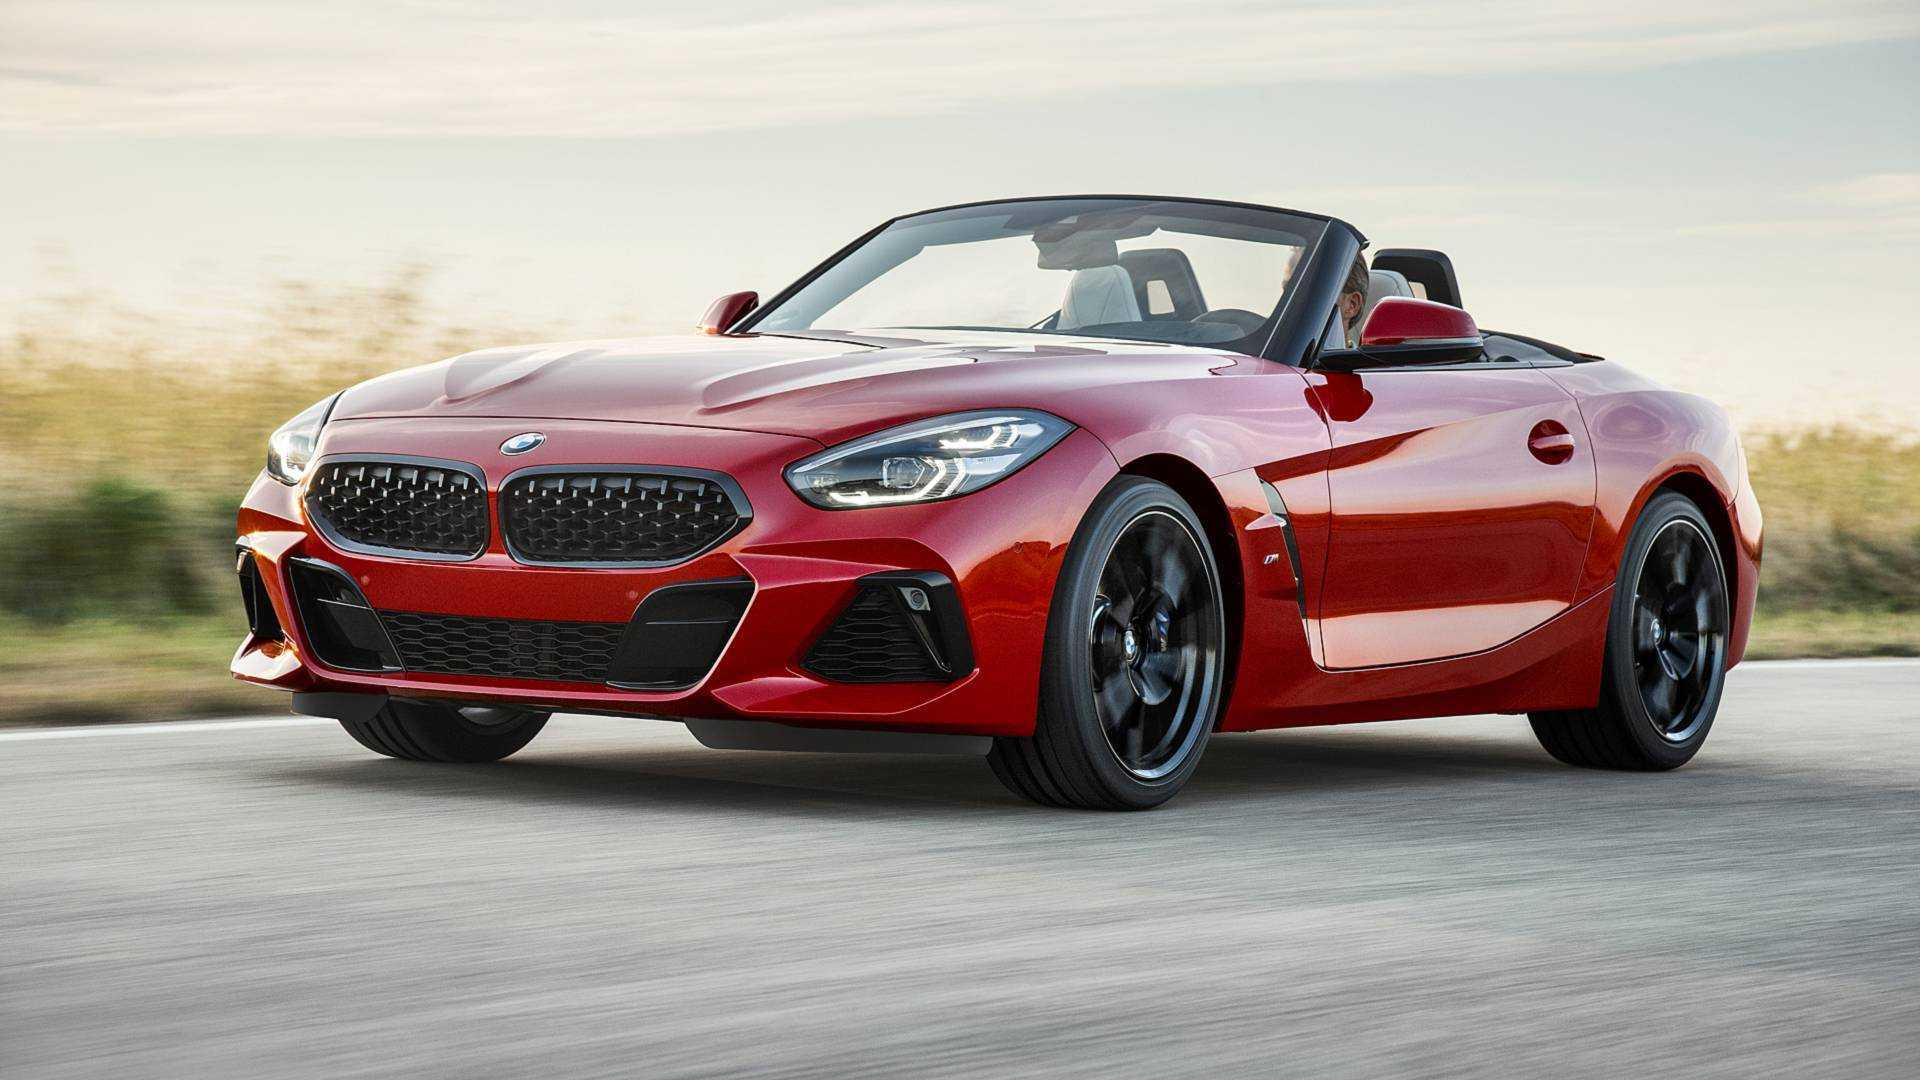 A fényszórók meghibásodása miatt hívnak vissza több BMW-t és Toyotát Amerikában